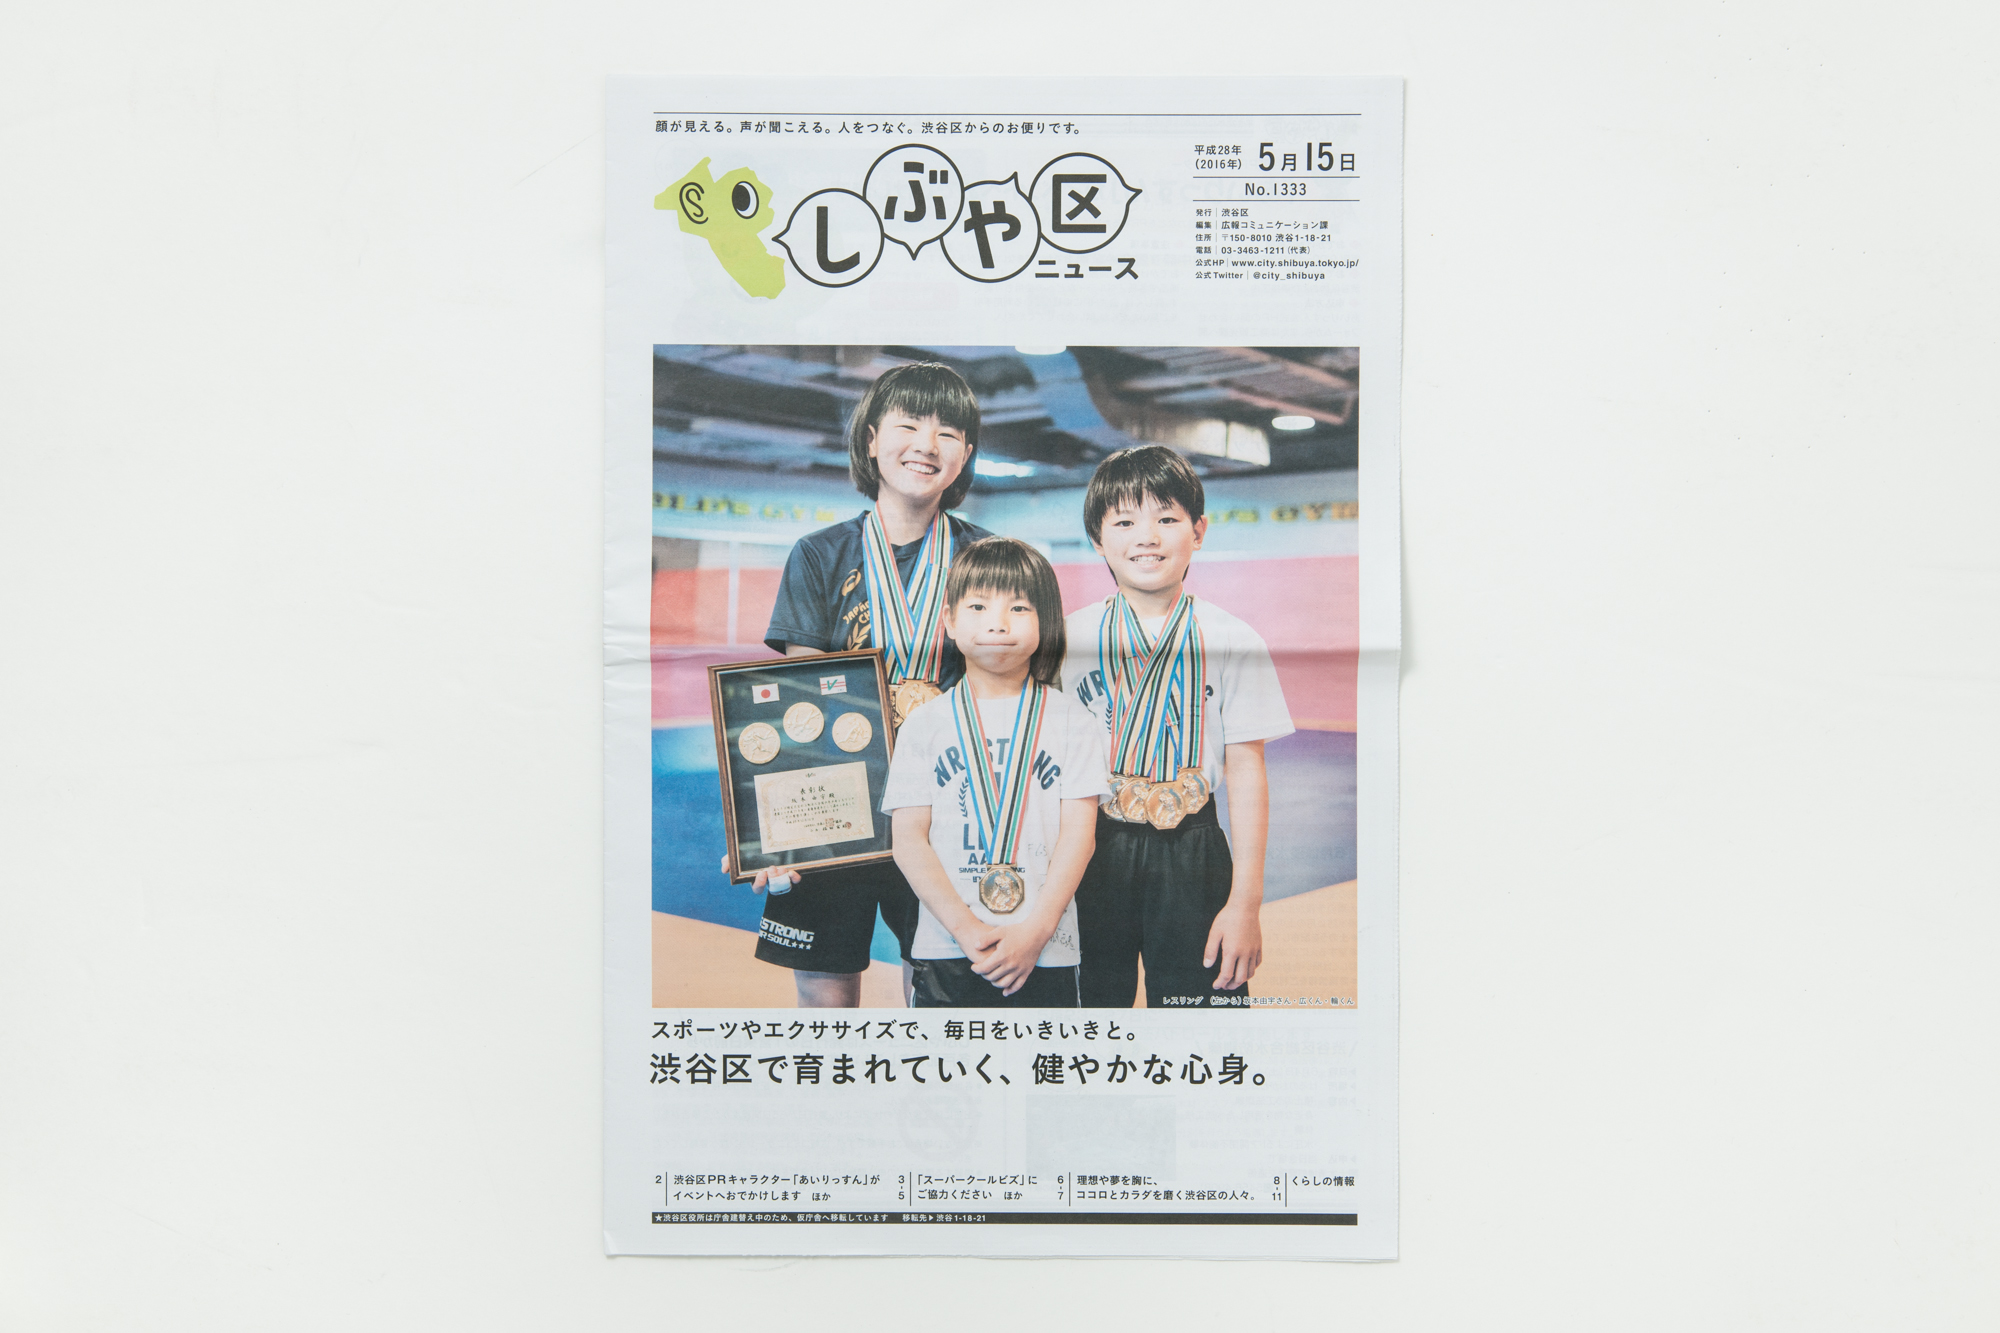 しぶや区ニュース 5月15日号 2016 photo:TADA